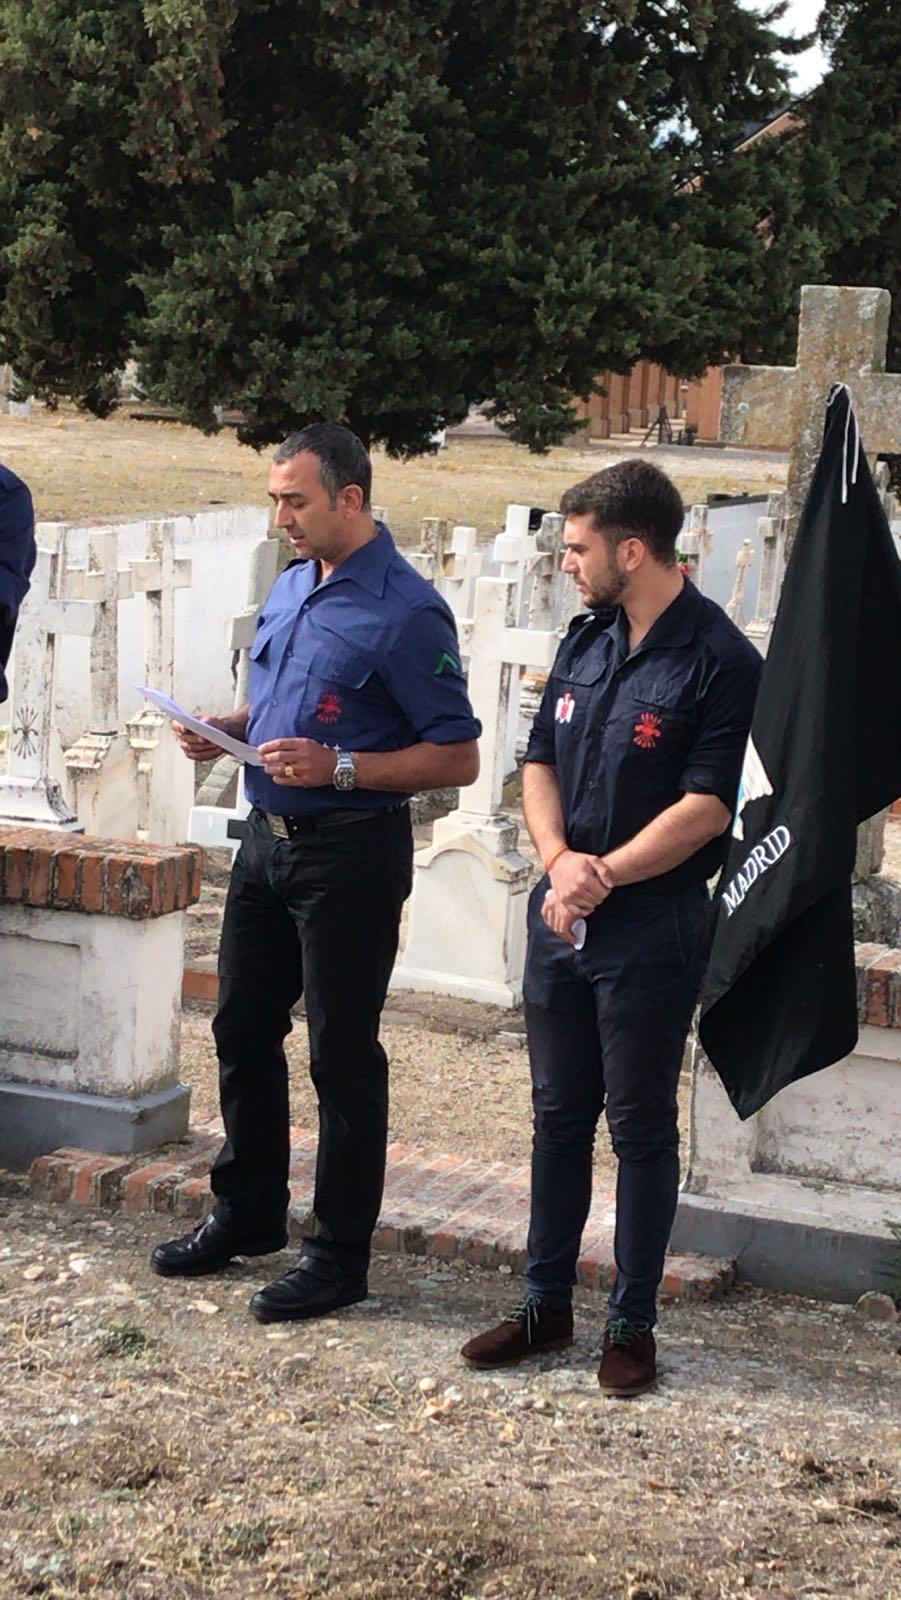 Homenaje del S.E.U. a Alejandro Salazar y demás asesinados en Paracuellos